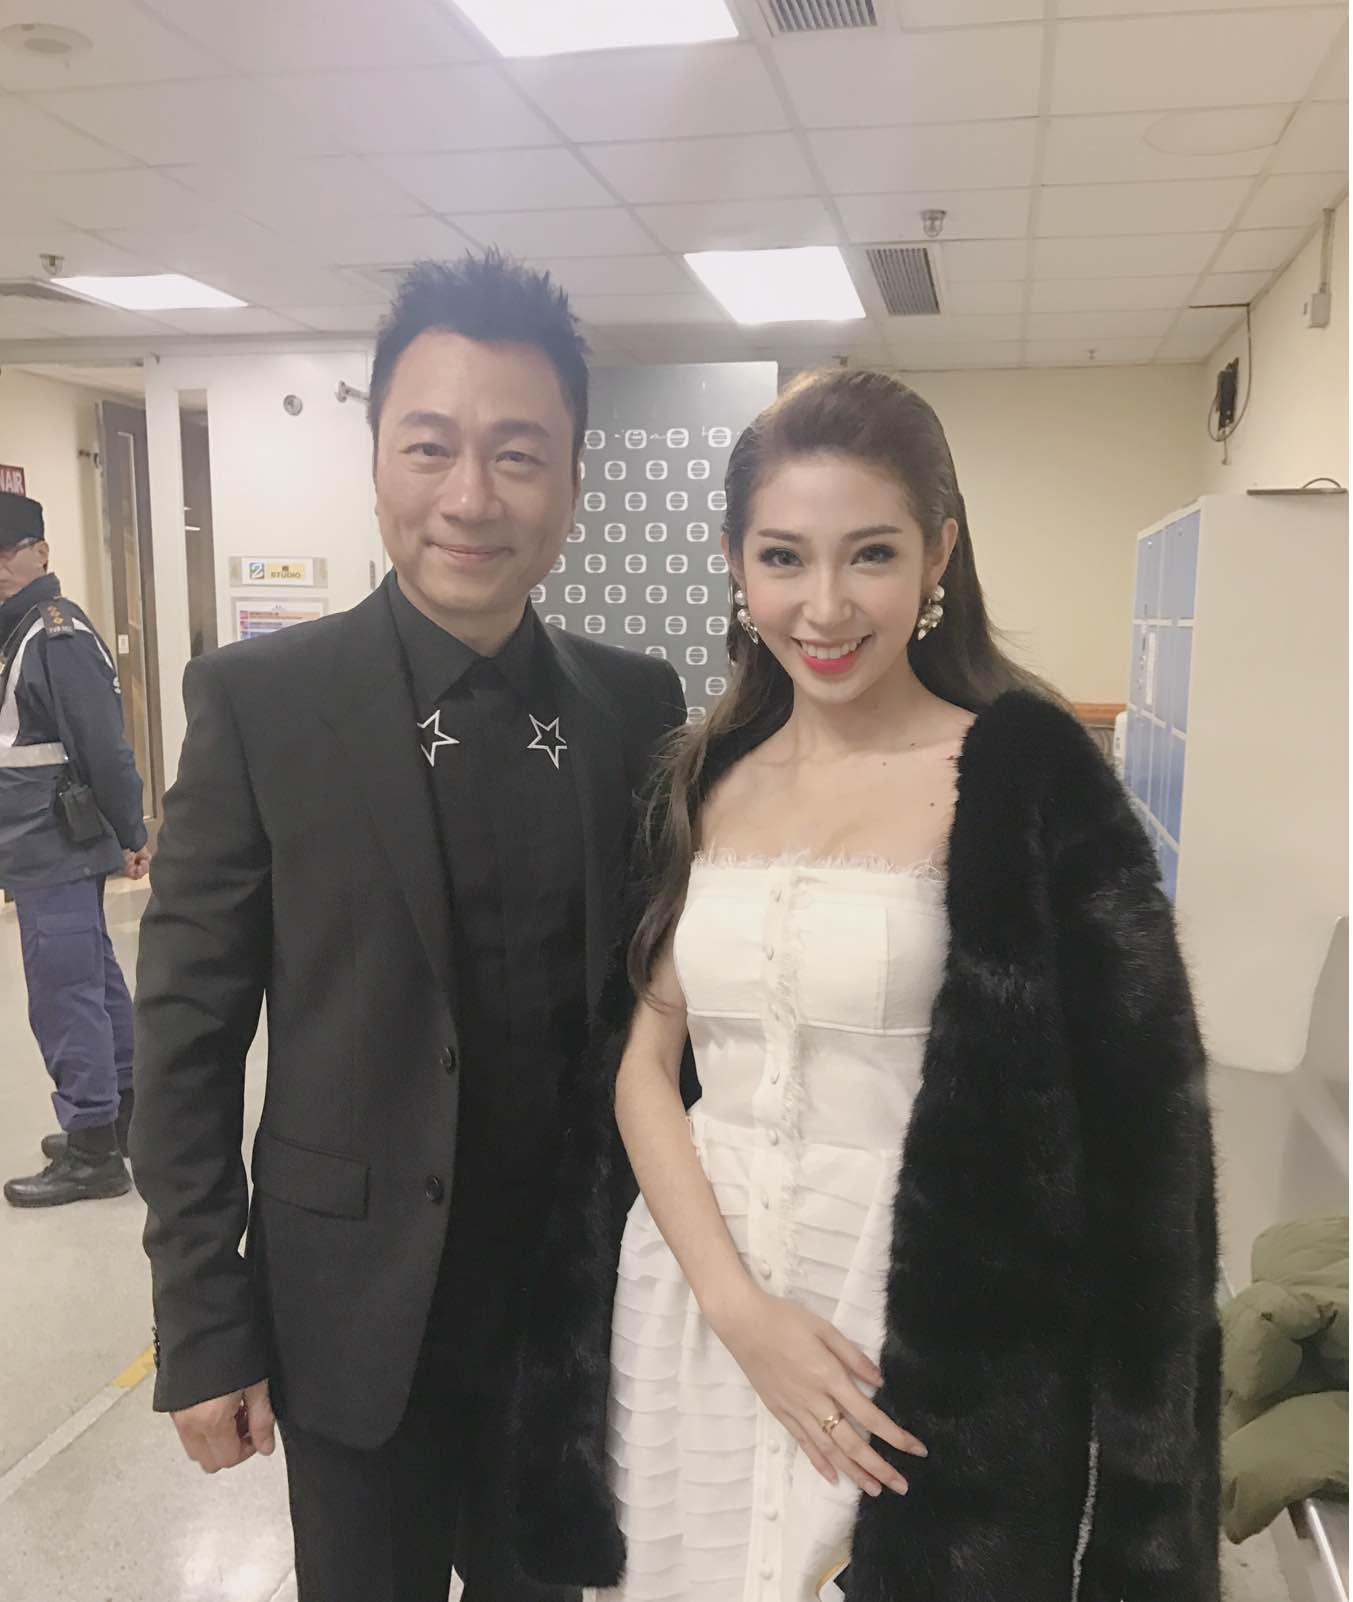 Khổng Tú Quỳnh tham dự lễ trao giải TVB, đọ dáng cùng Hoa hậu Hồng Kông - Ảnh 7.